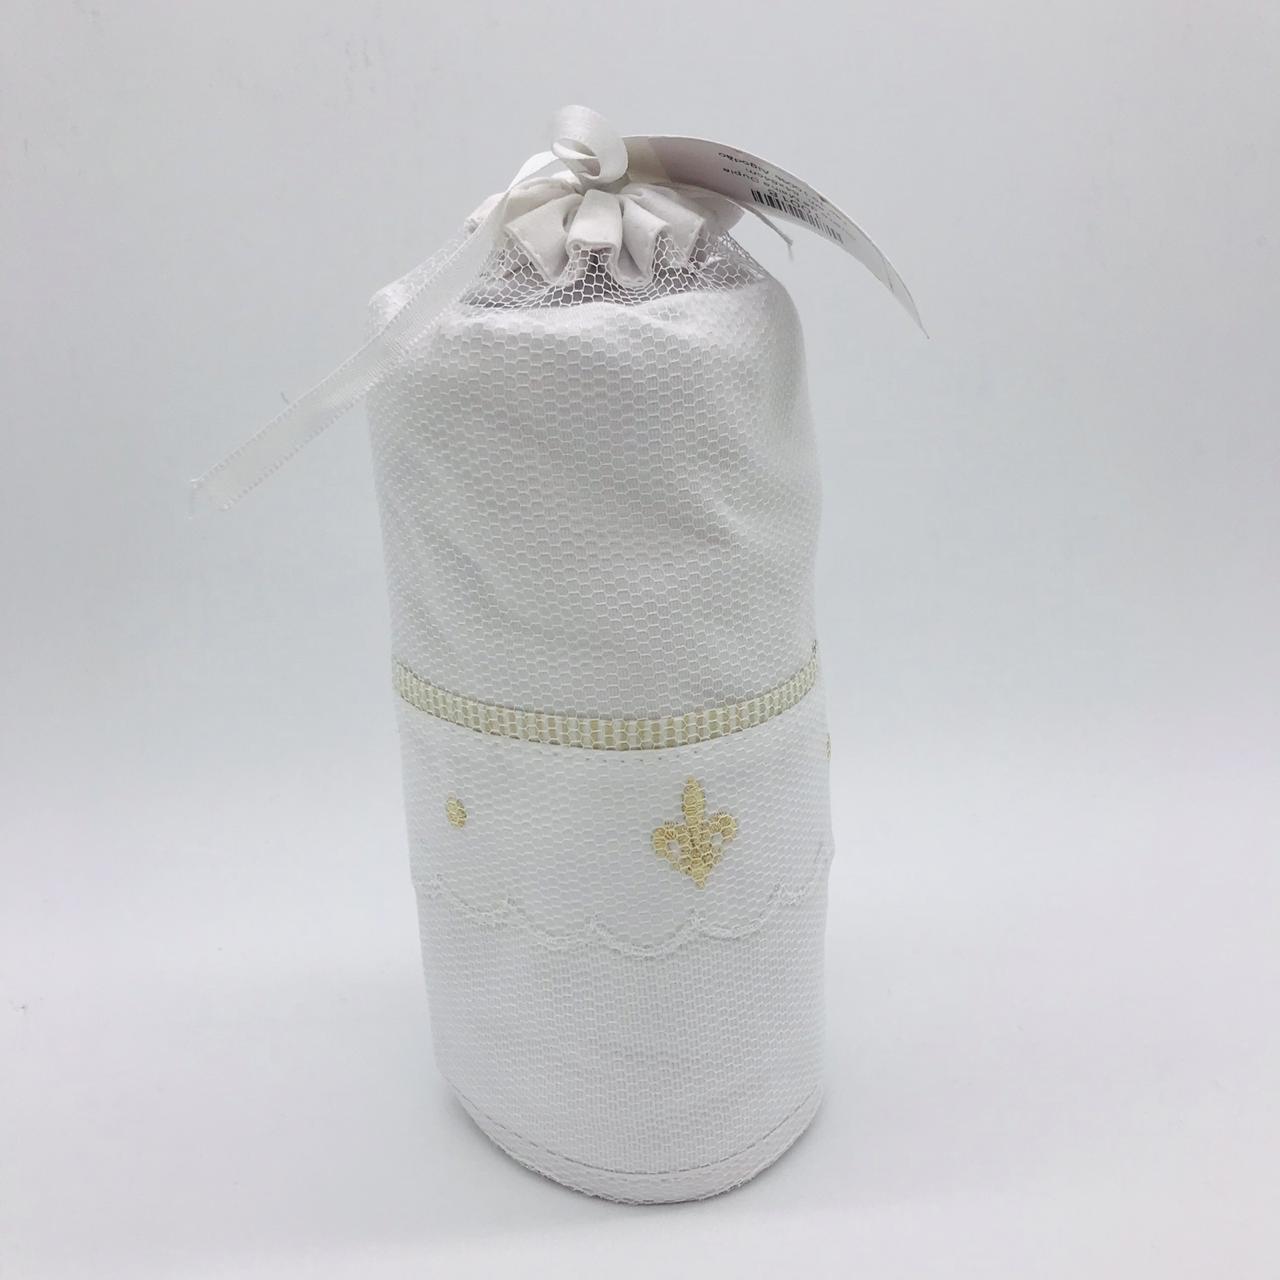 Cueiro de Malha Dupla Arabesco Bege - Kidstar  Ref 10018